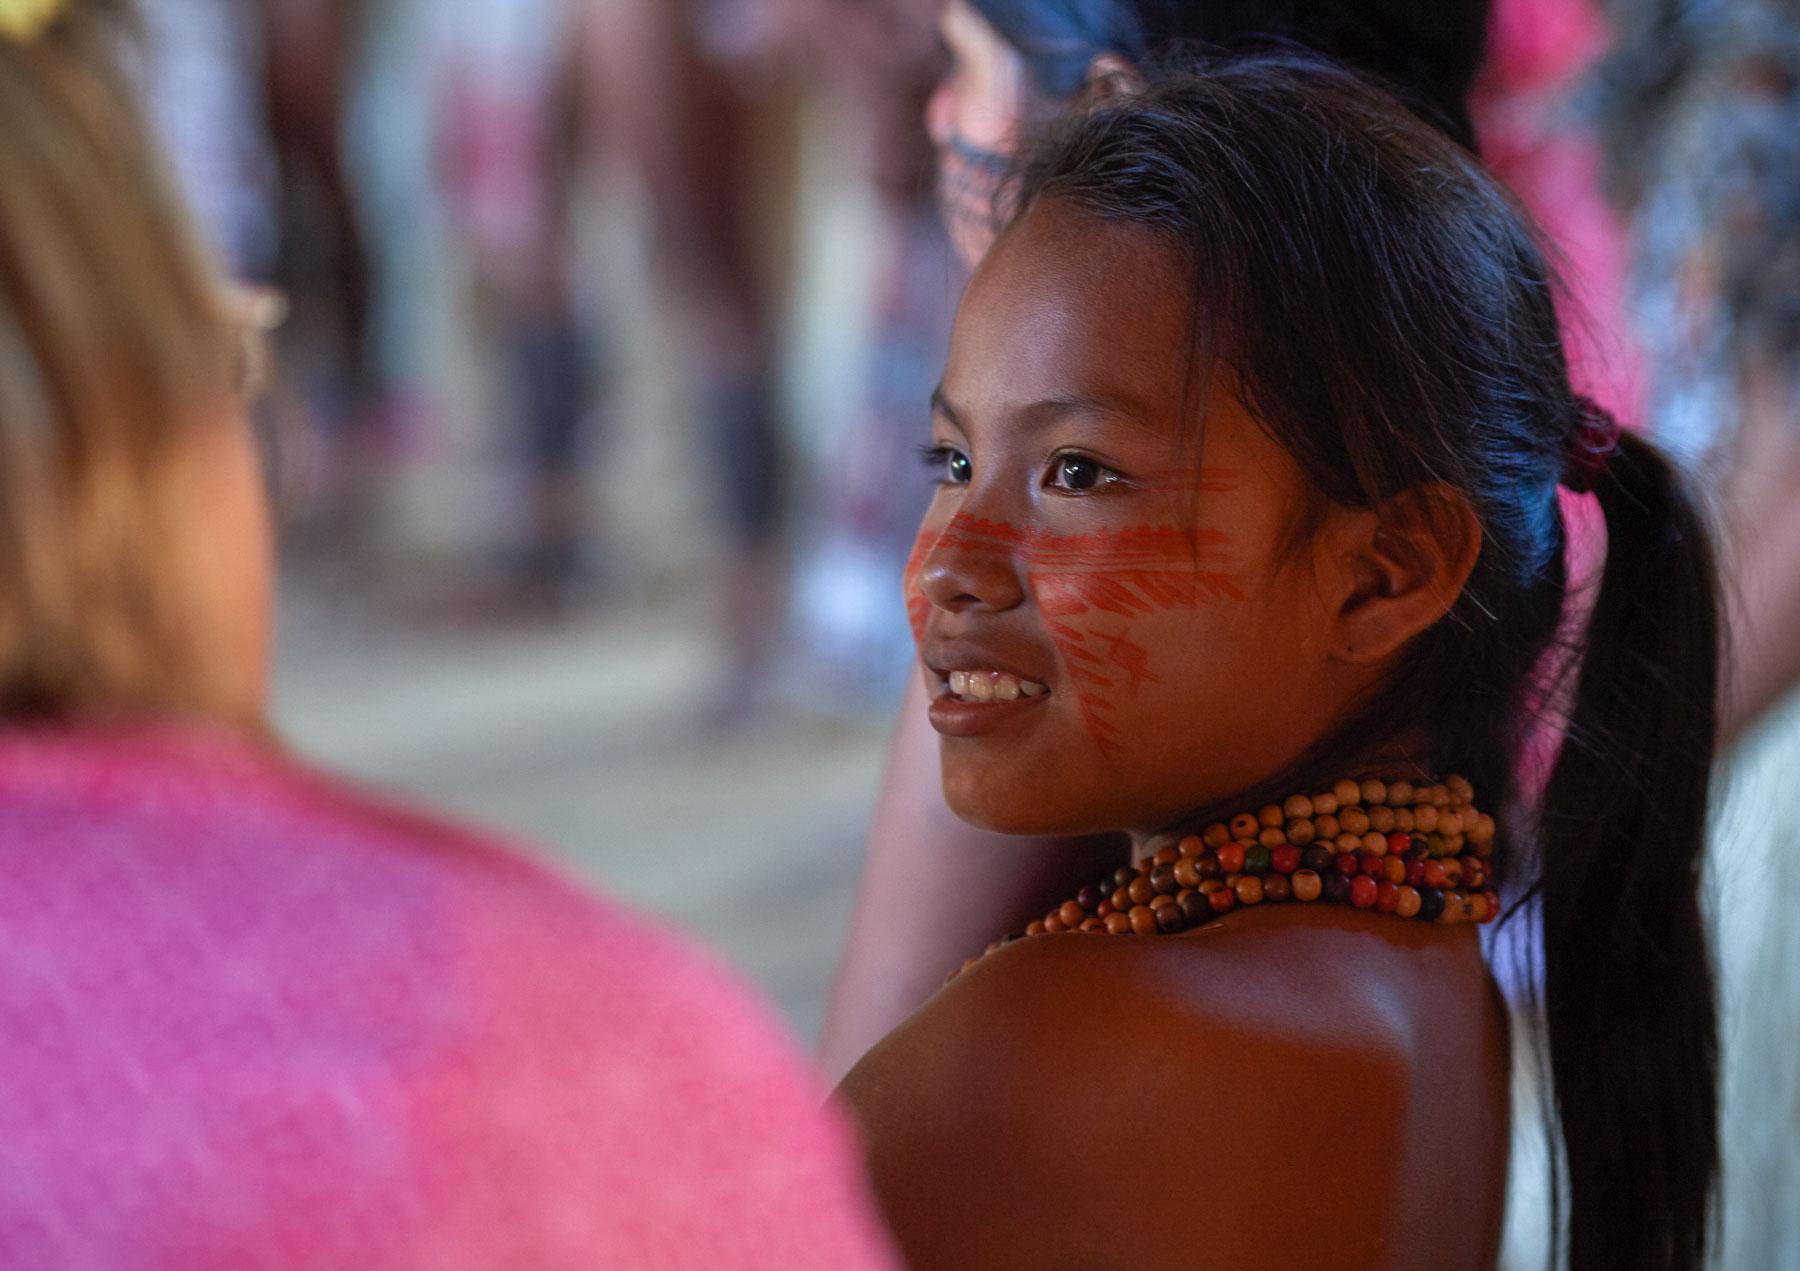 Bild einer jungen indogenen Frau im Gespräch mit einer Weißen